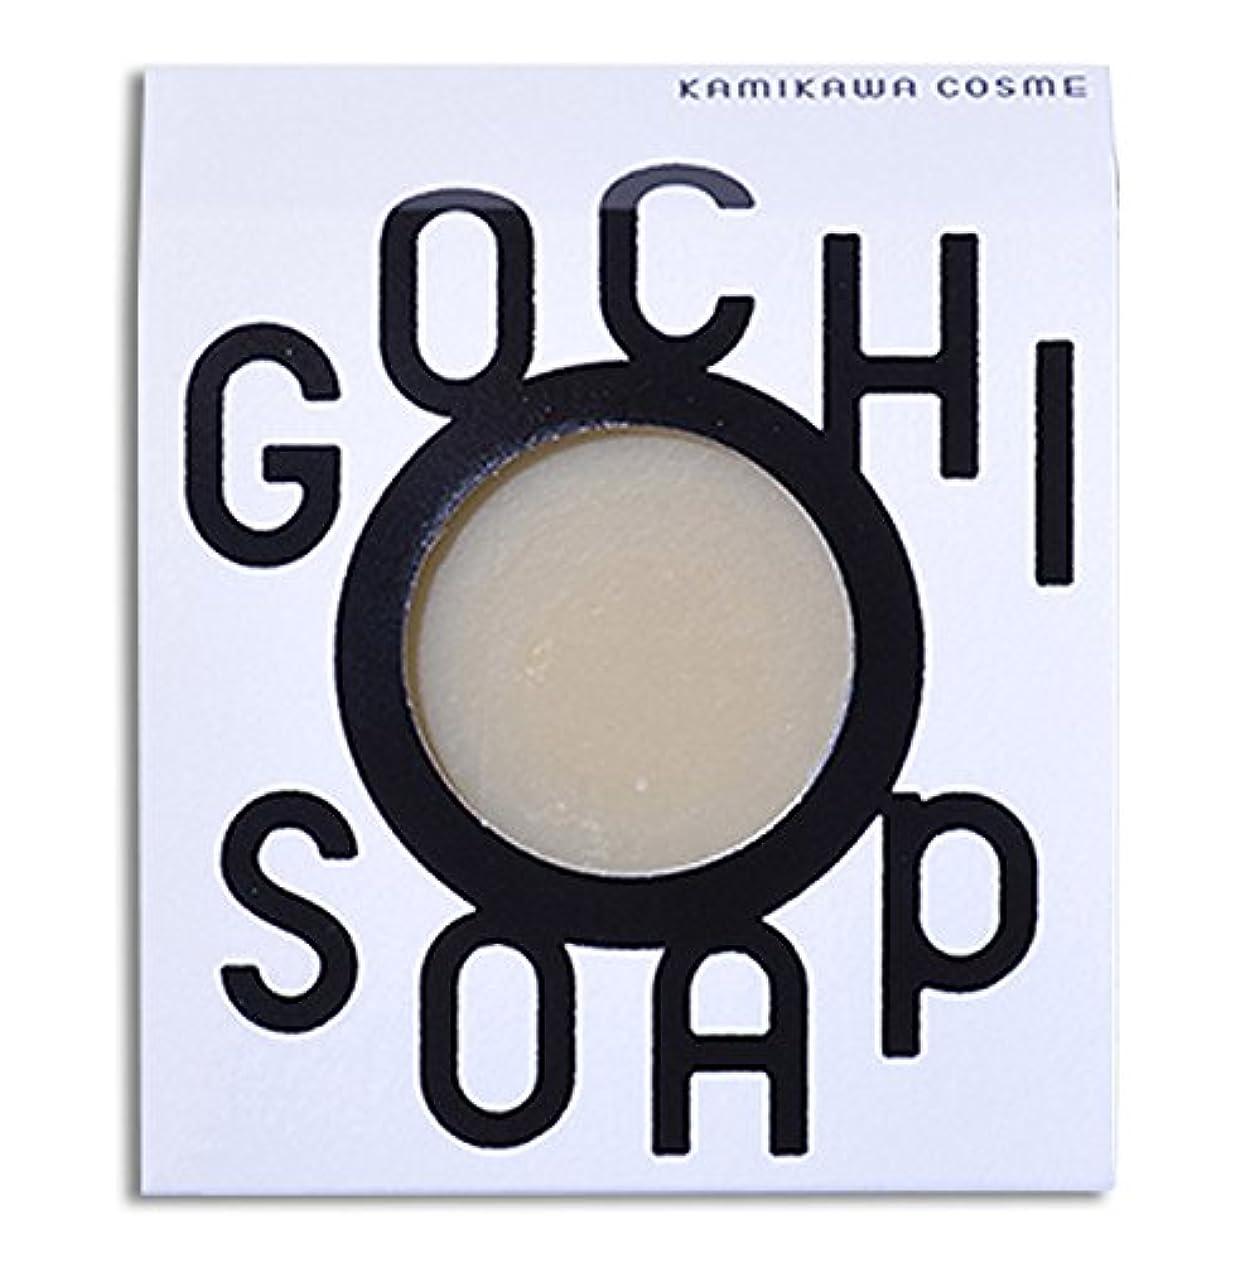 振る舞い仲良し遺伝的道北の素材を使用したコスメブランド GOCHI SOAP(伊勢ファームの牛乳ソープ?平田こうじ店の米糀ソープ)各1個セット